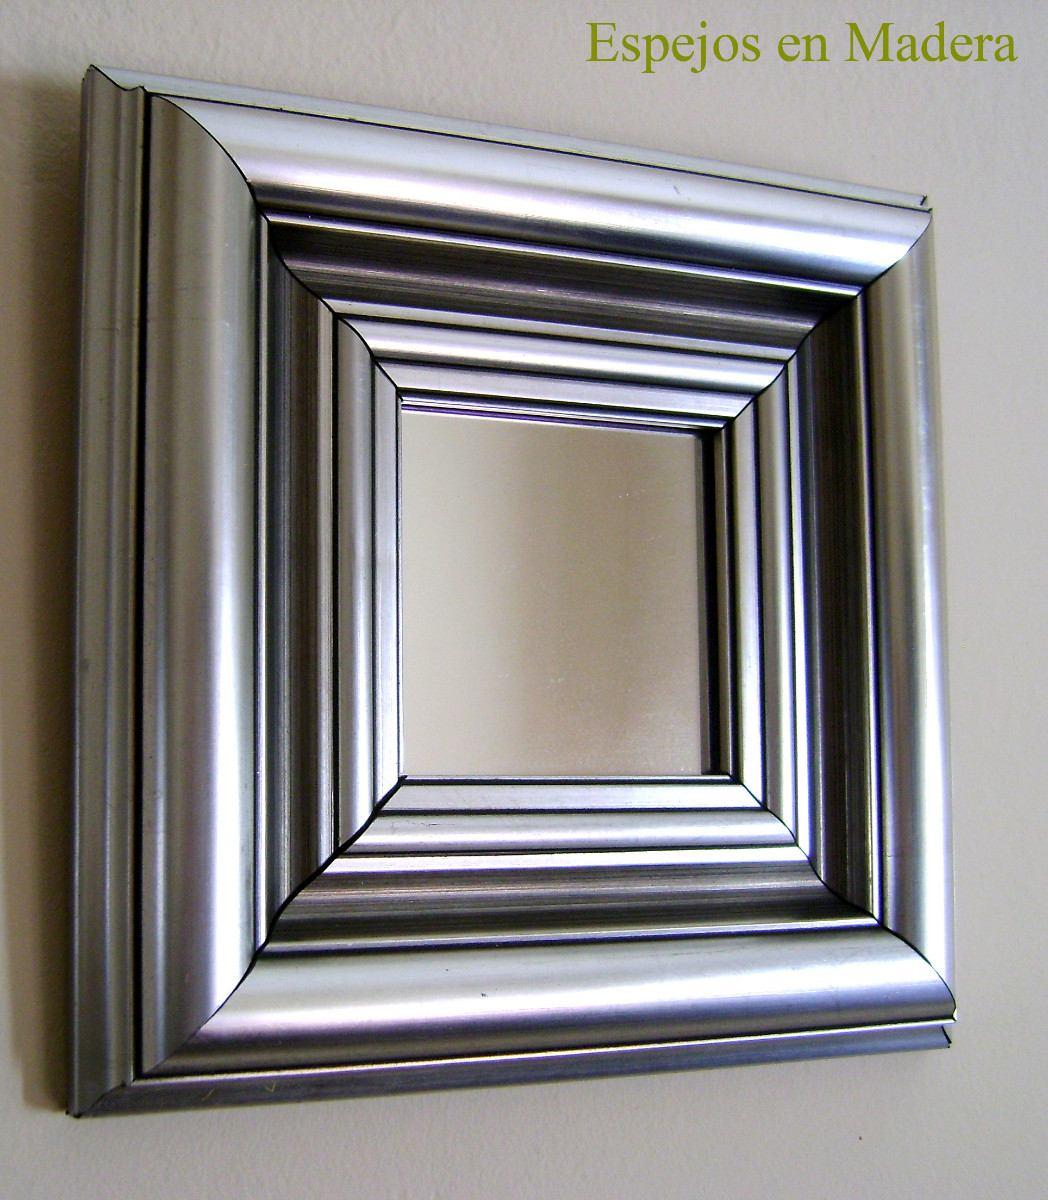 Espejo marco plateado espejo moldura tallada plata x cm for Espejos con marco plateado